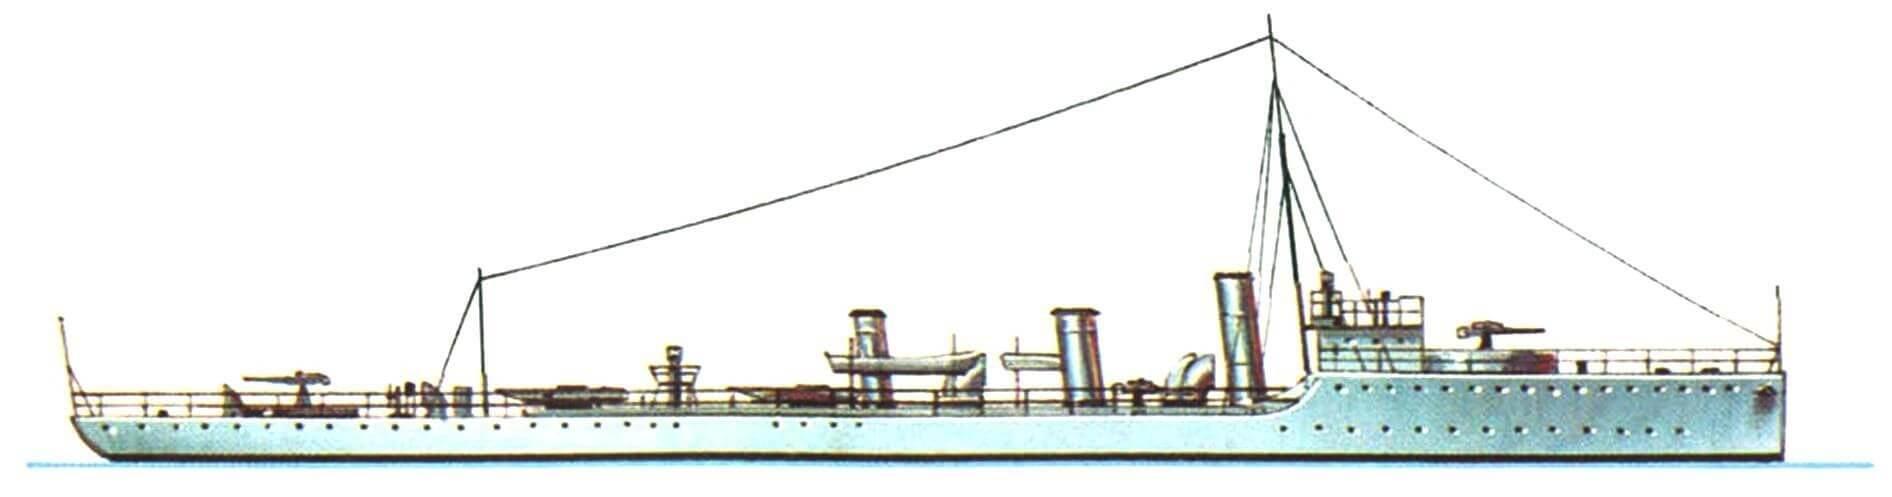 172. Эскадренный миноносец «Аларм», Англия, 1910 г.